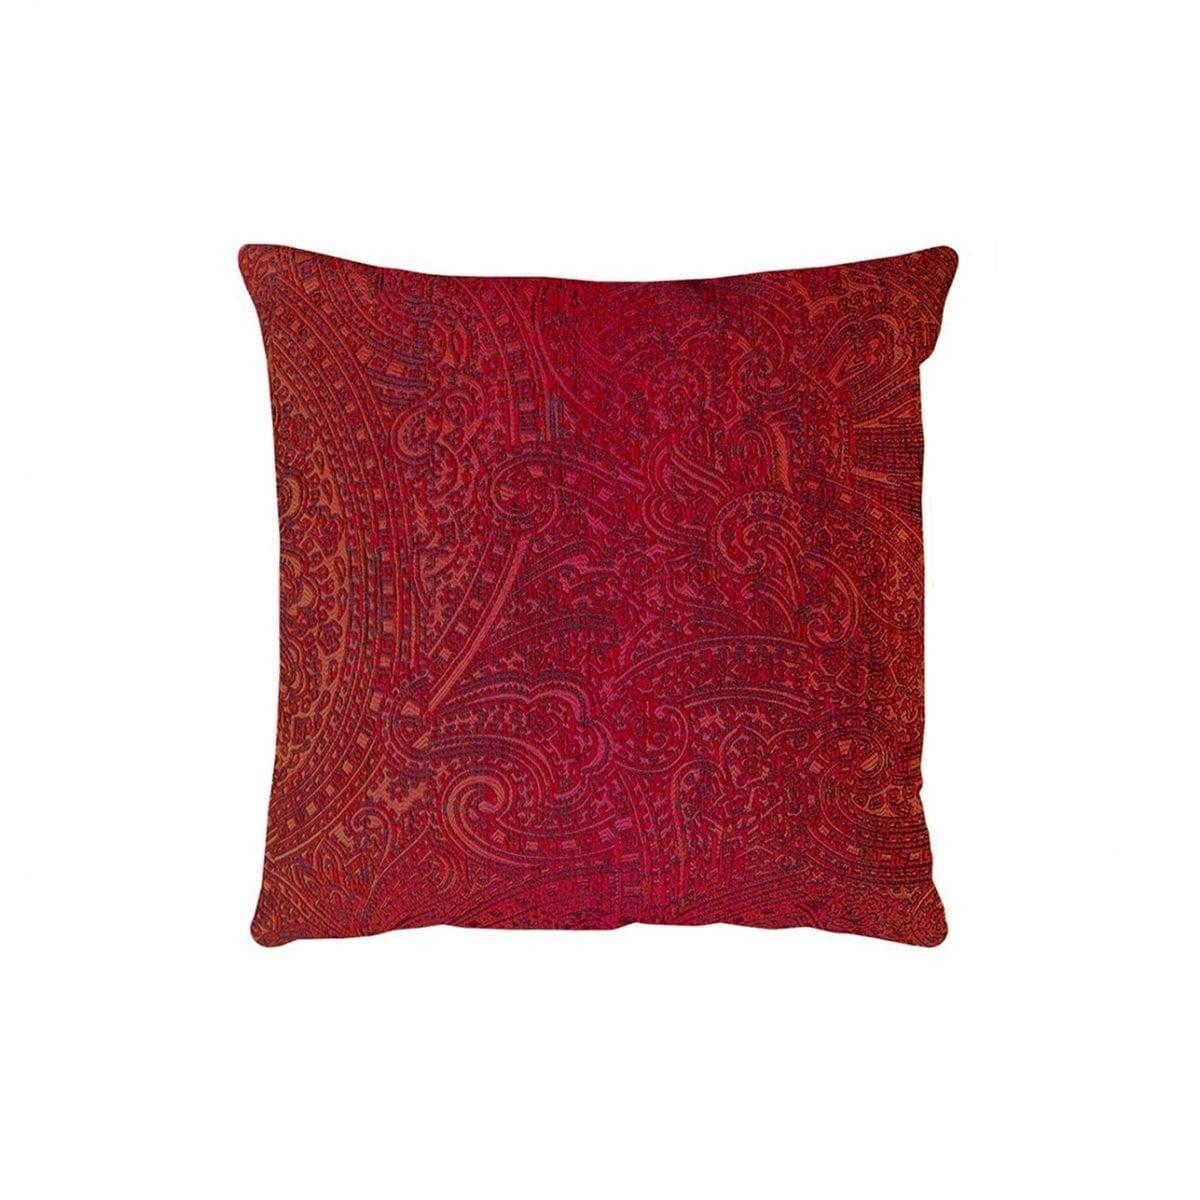 Een prachtig glanzend kussen in de stof Nebbiolo rood van Dutch Seating Company